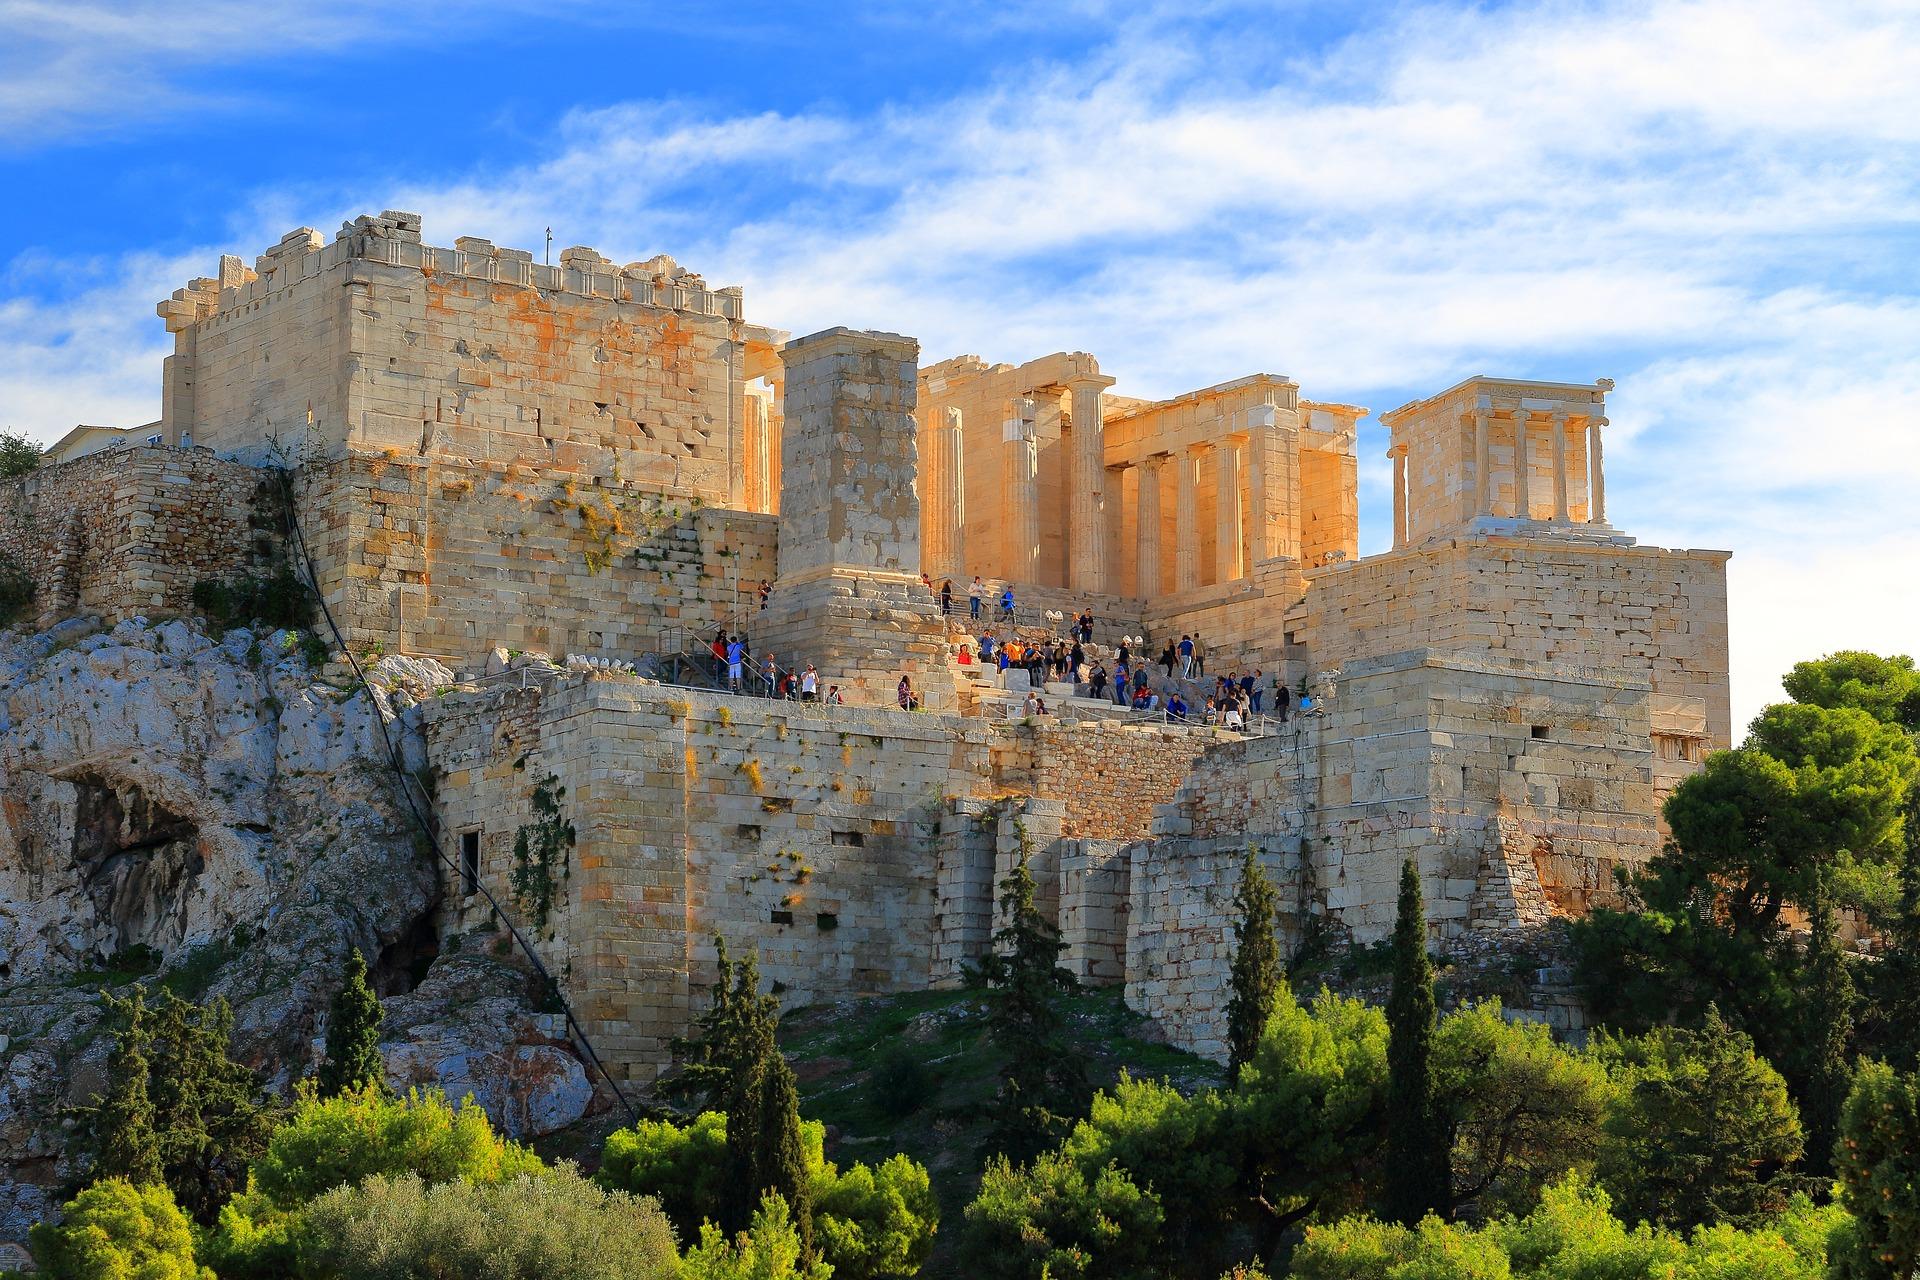 Γιατί οι ξένοι μας αποκαλούν Greeks και όχι Έλληνες; Από πού προέρχεται